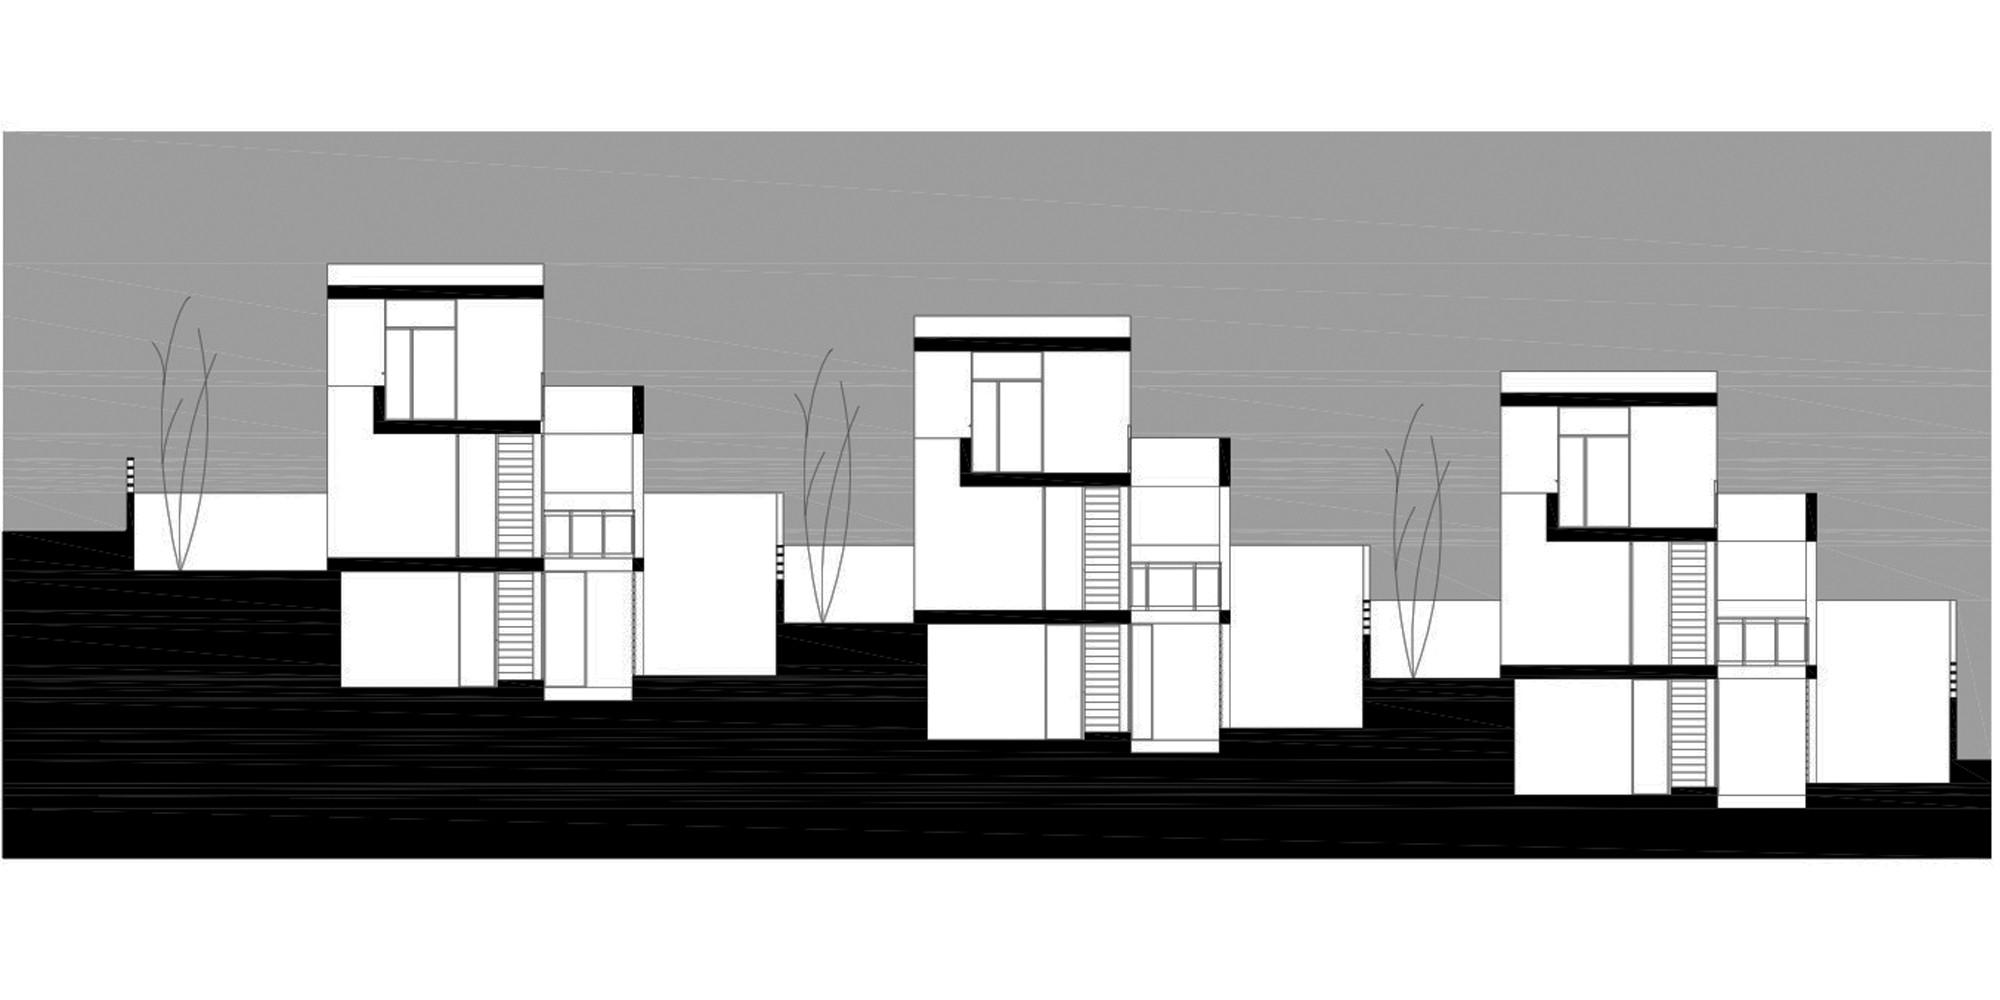 6 viviendas unifamiliares de santa b rbara antonio - Proyectos casas unifamiliares ...